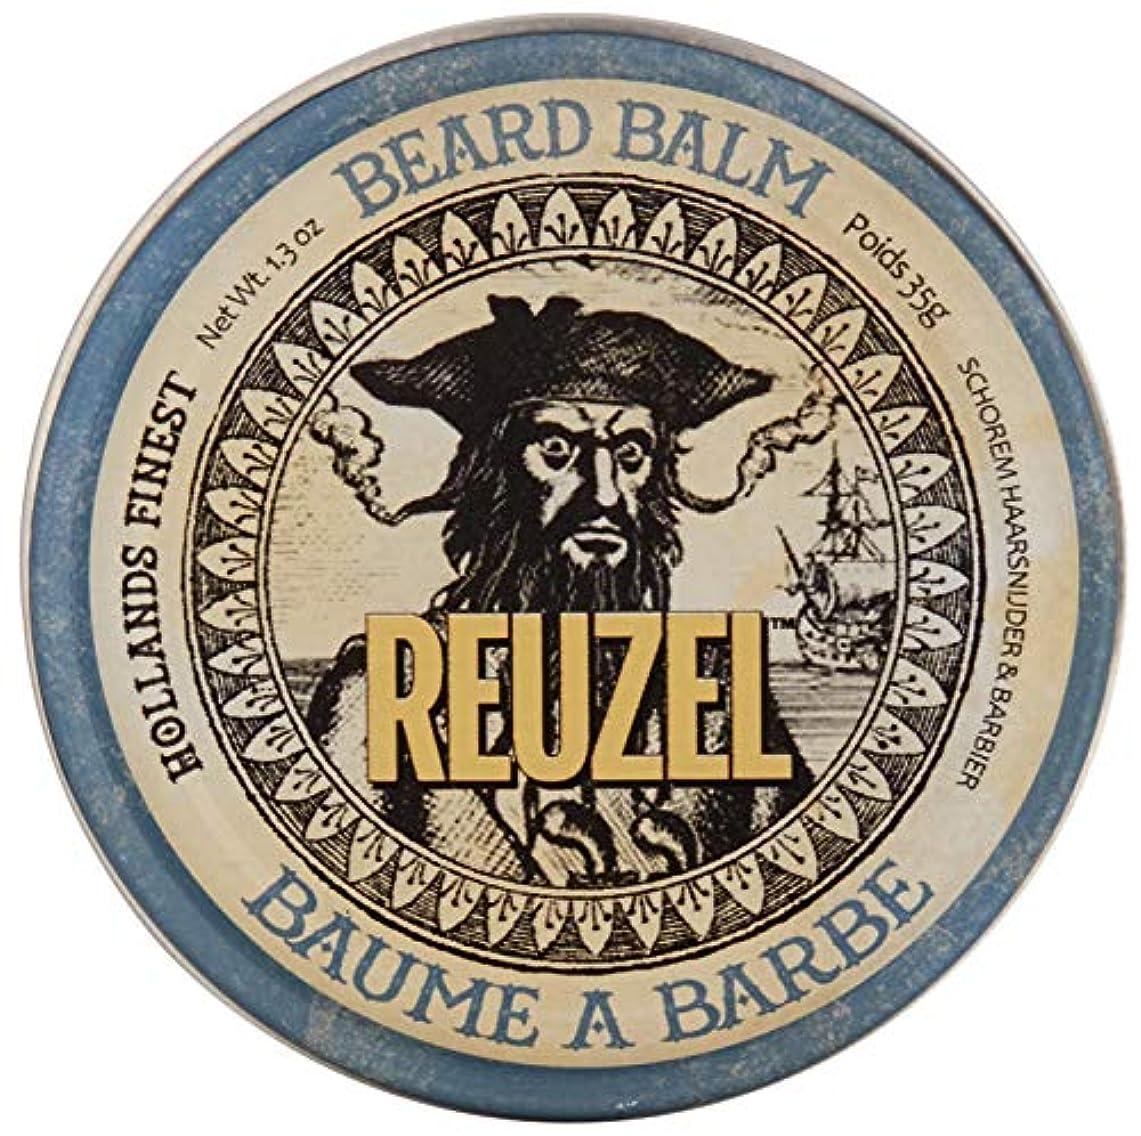 日没不合格敬reuzel BEARD BALM 1.3 oz by REUZEL